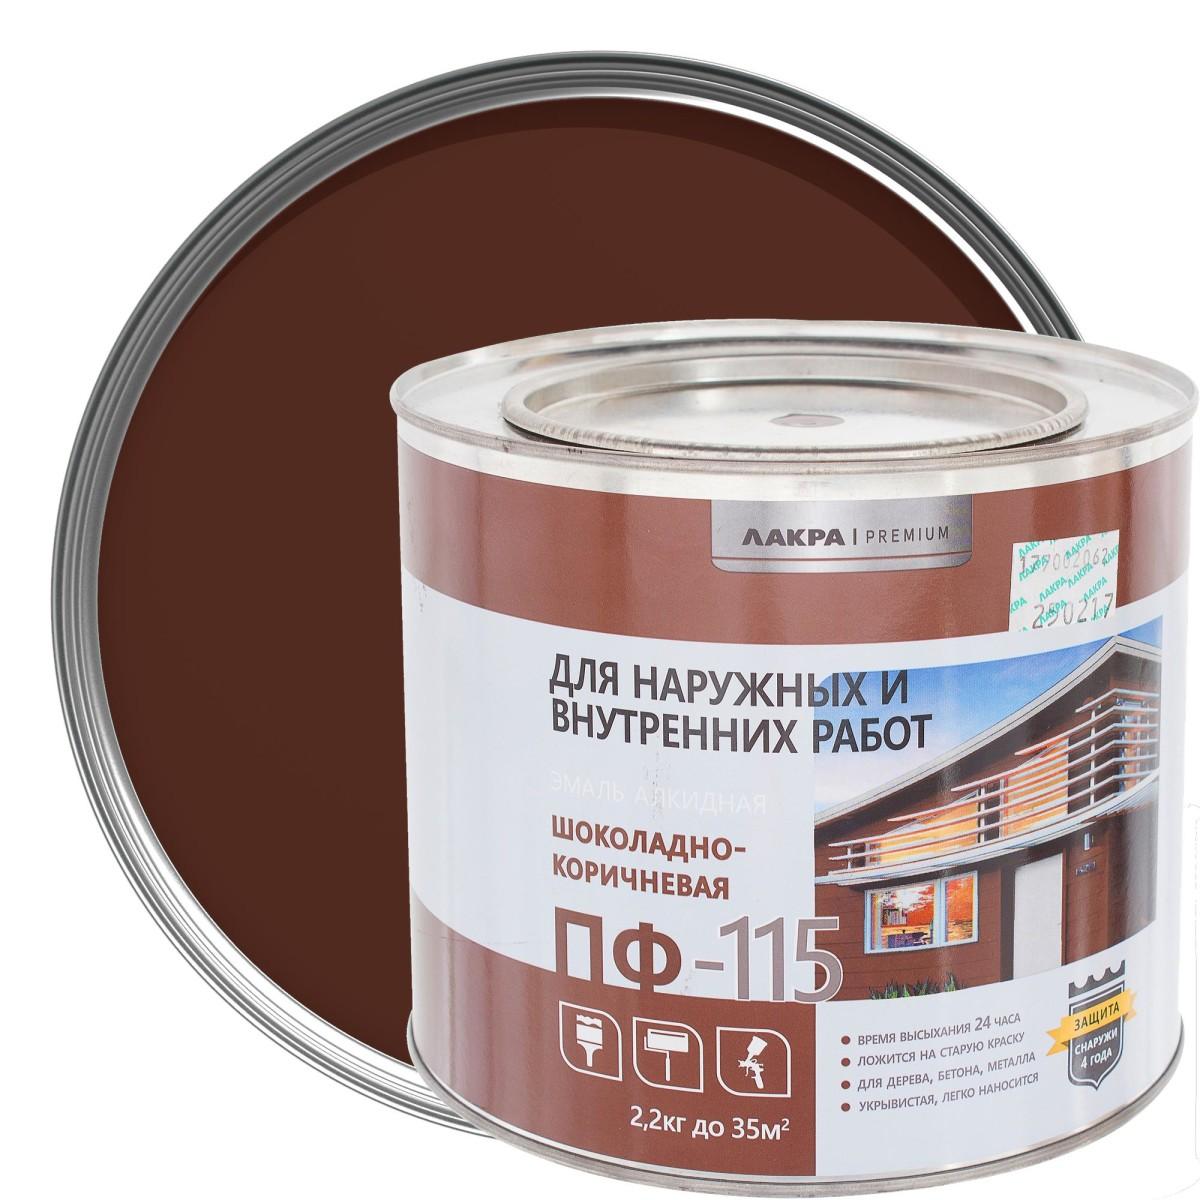 Эмаль Пф-115 Лакра Diy Цвет Шоколадно-Коричневый 22